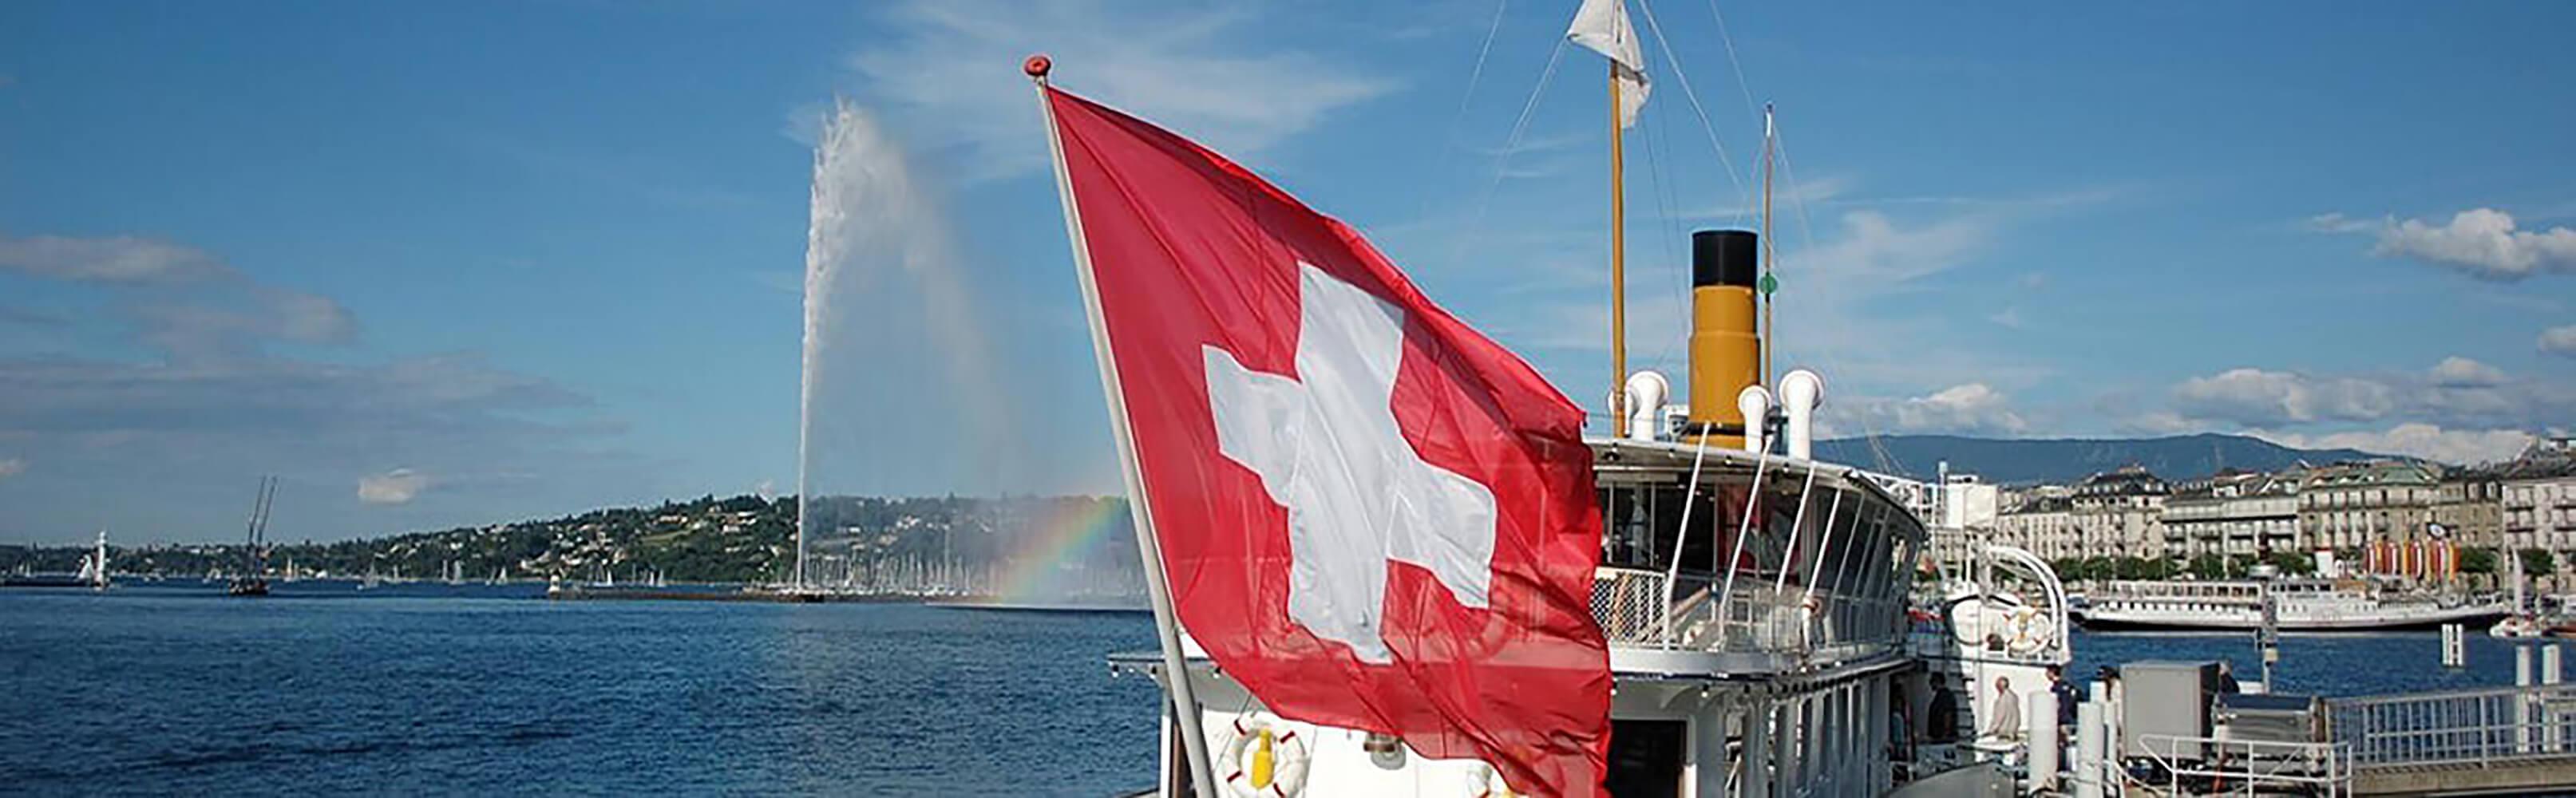 Genfersee (Lac Léman) Schifffahrt 1